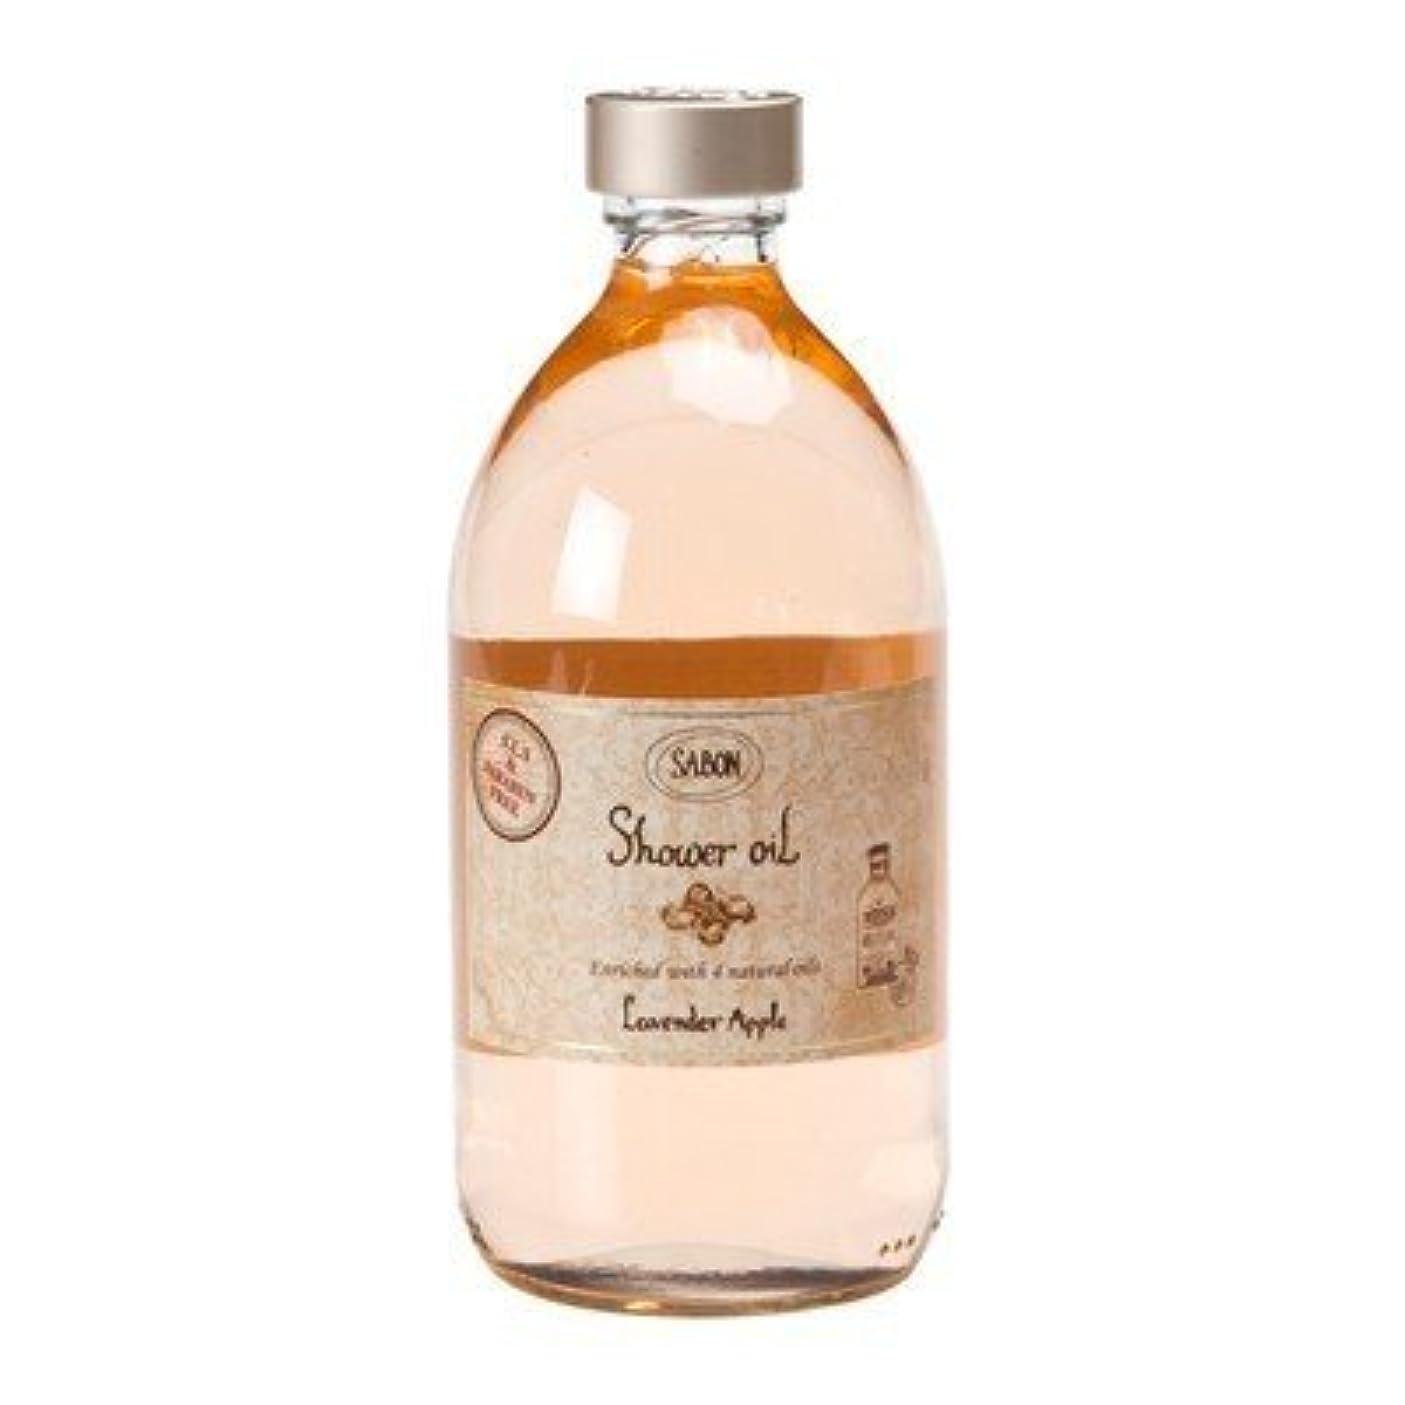 鼓舞する熟考する放つサボン シャワーオイル ラベンダー アップル 500ml 並行輸入品 (ポンプ付き)